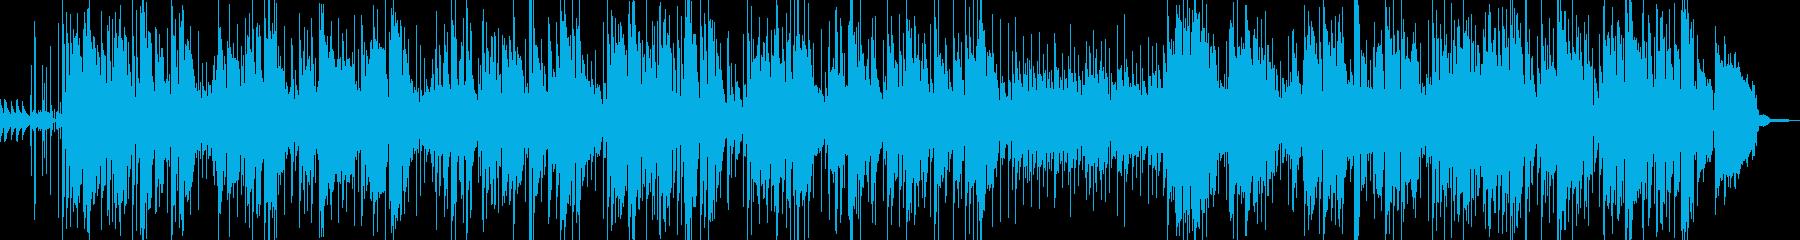 ポップでメロディアスなバースデーソングの再生済みの波形